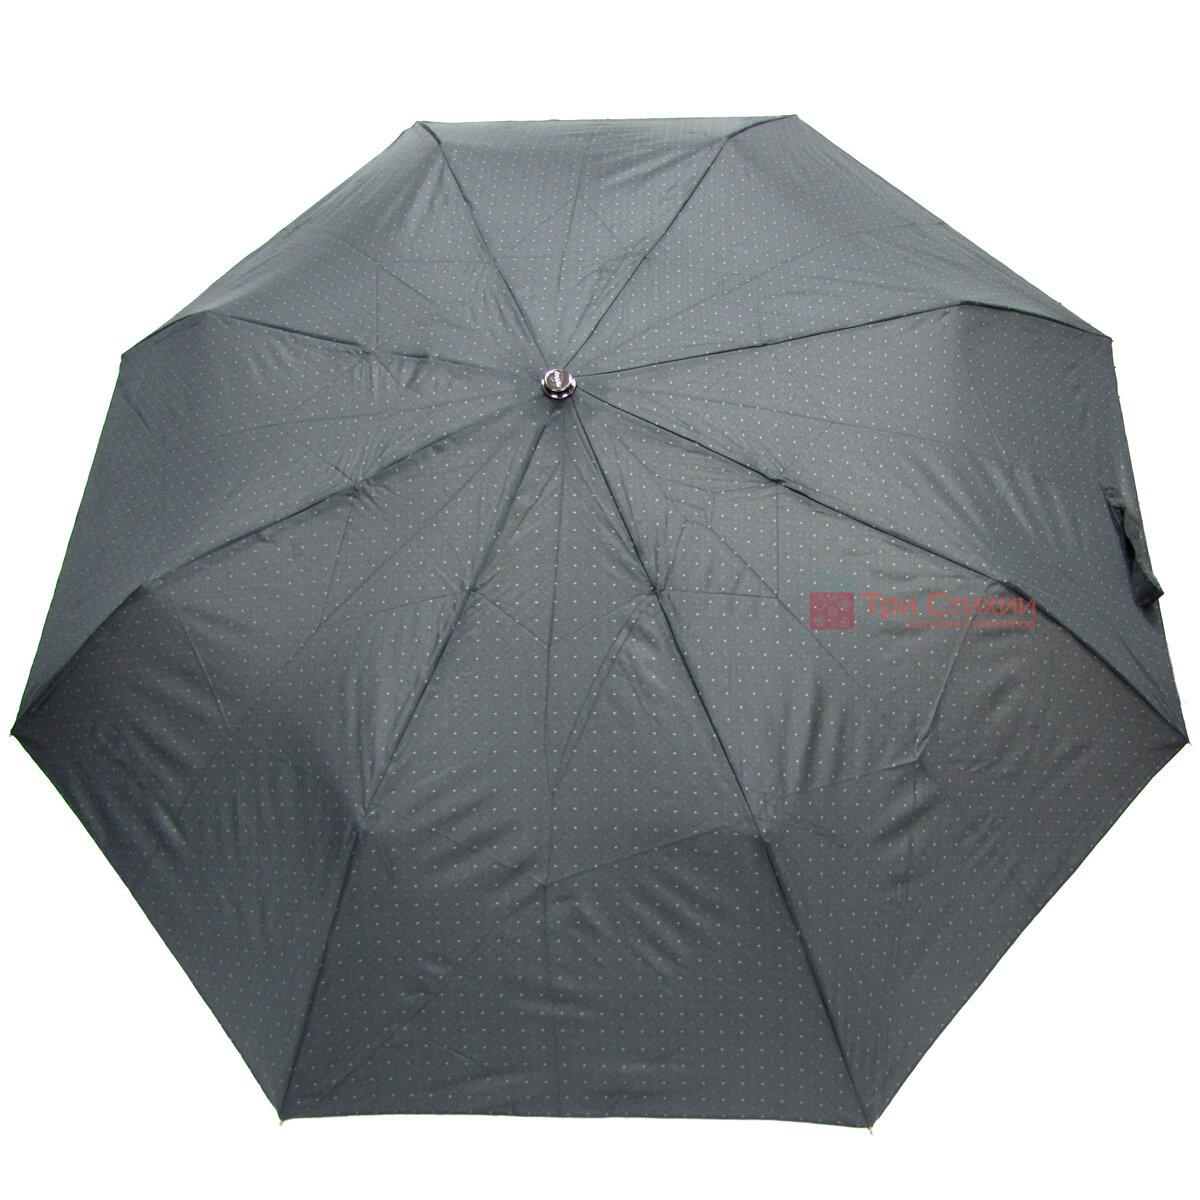 Зонт складной Doppler 74667G-1 полный автомат Ромбы, фото 3